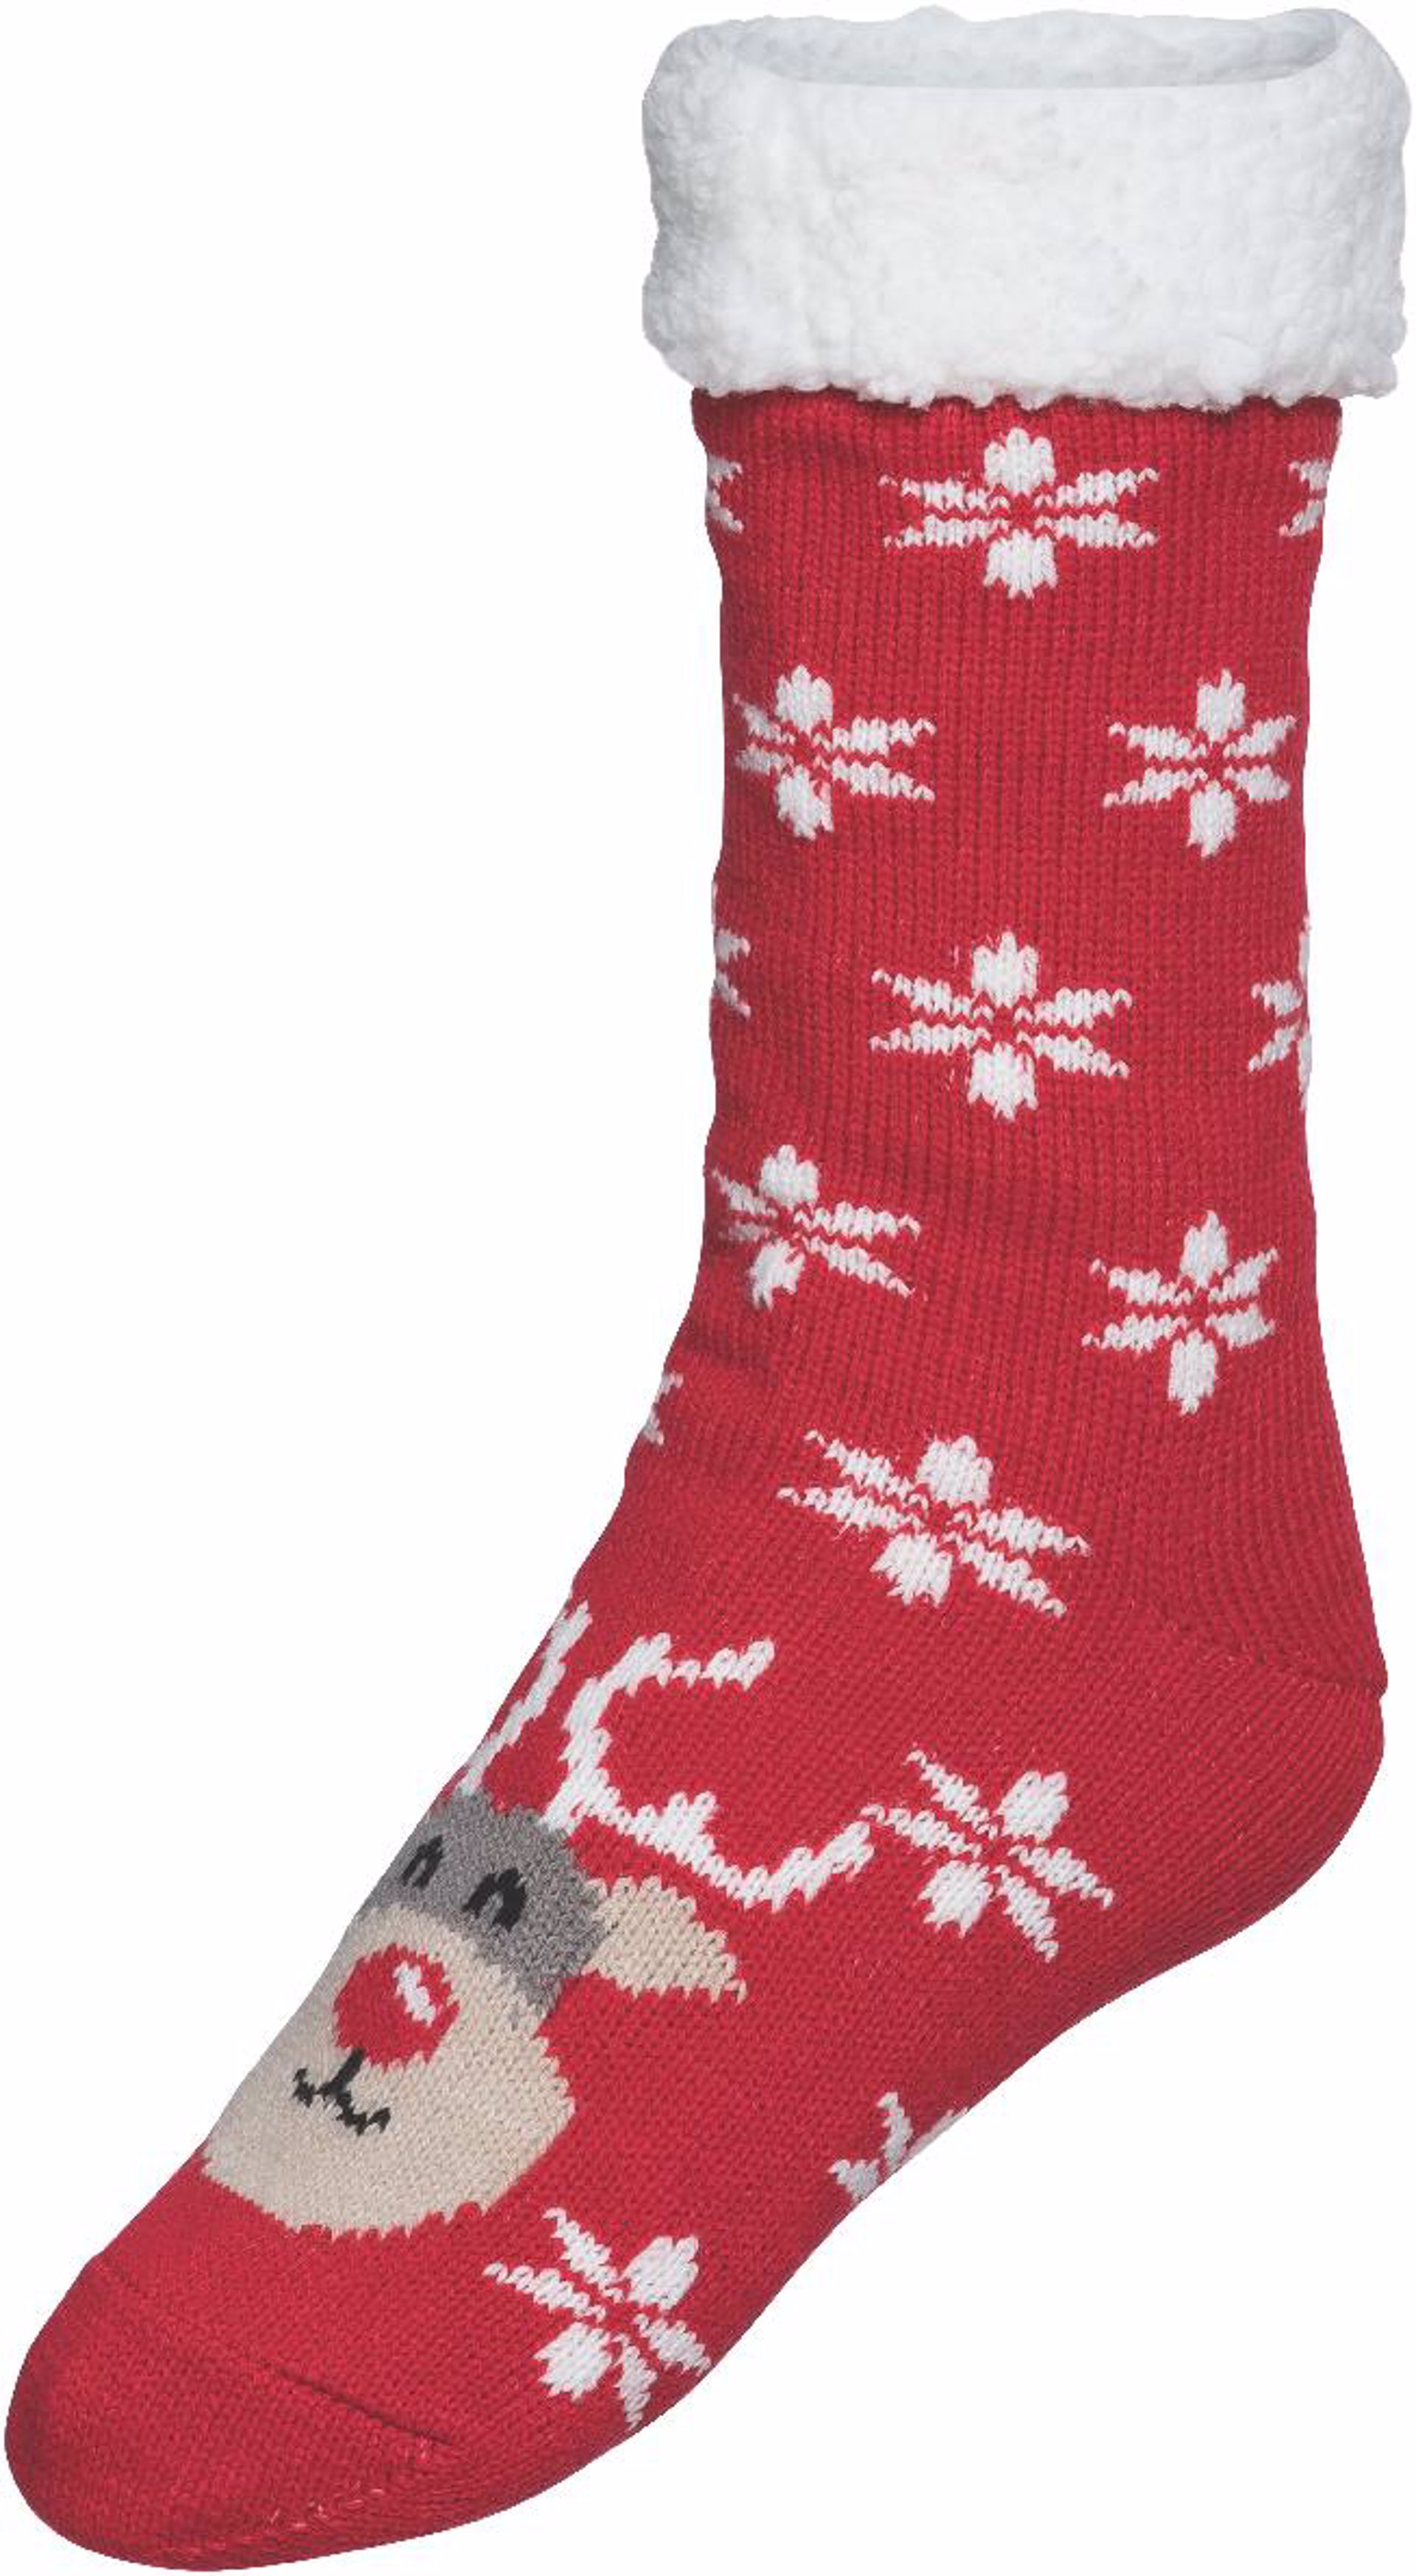 calcetines motivos navideños a juego con jersey